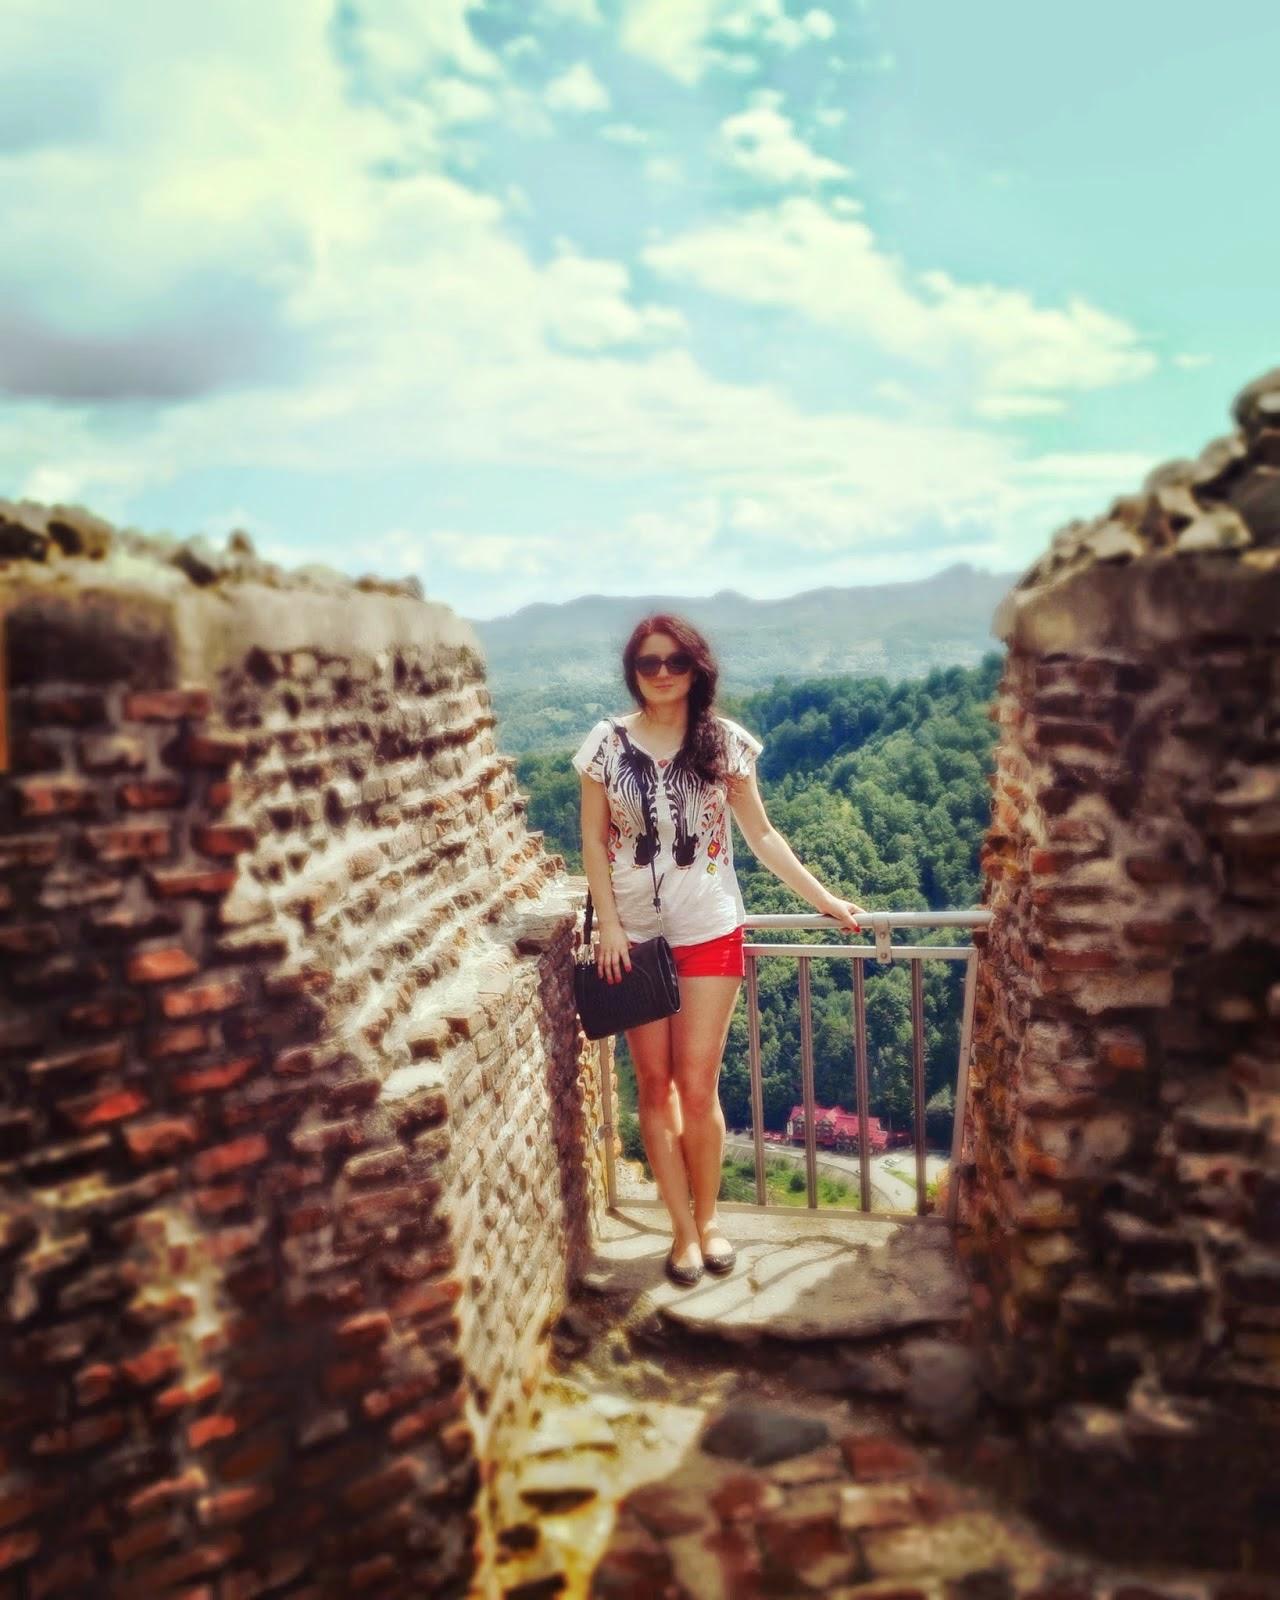 http://alittlefashionsparkle.blogspot.ro/2014/07/road-trip-part-2-castles.html